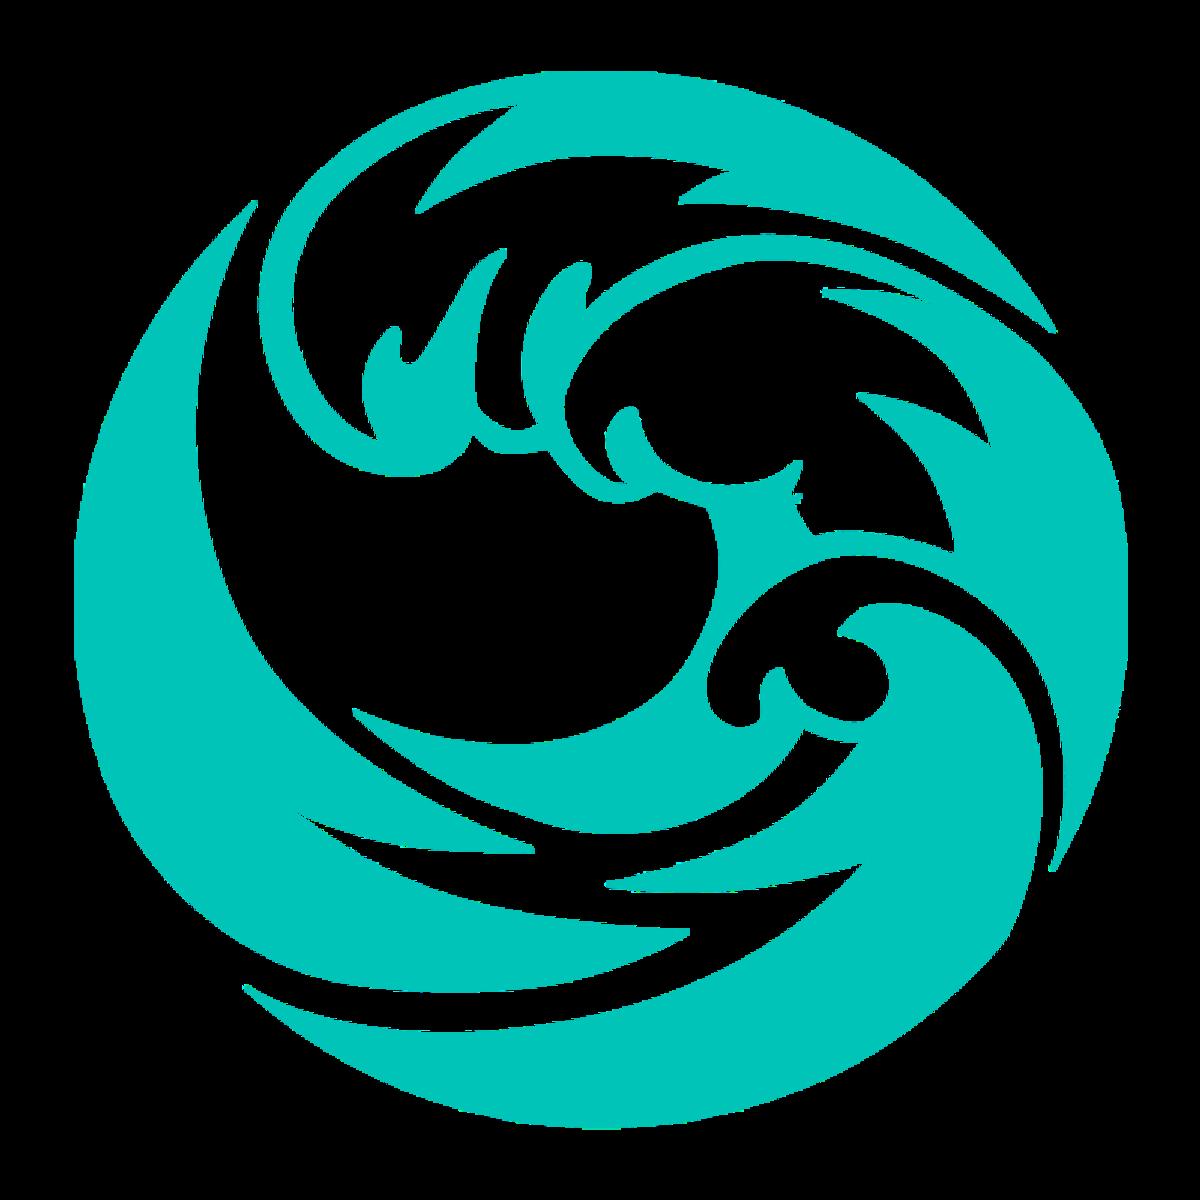 beastcoast логотип